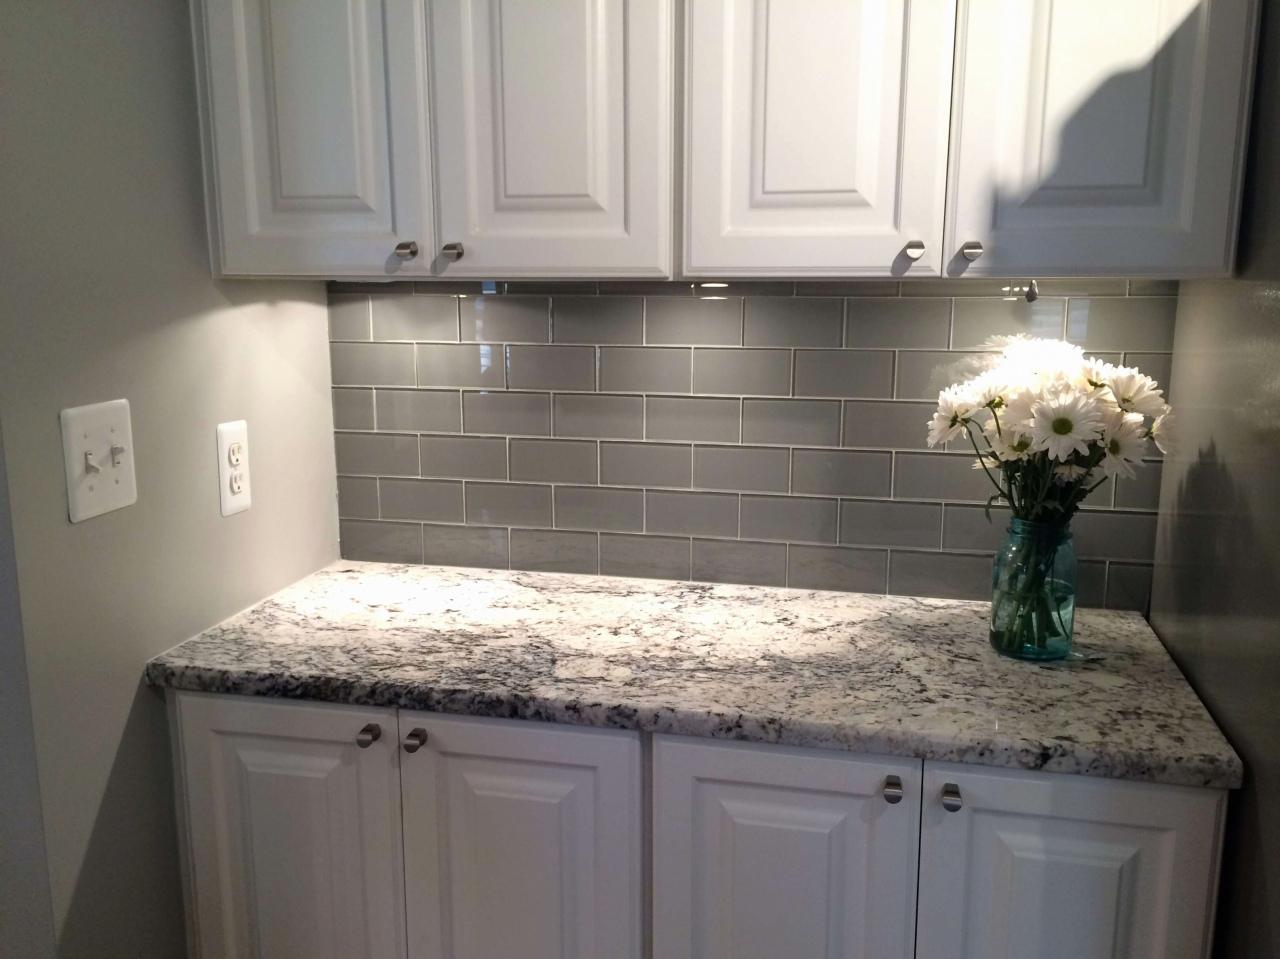 kitchen tiles design subway tile backsplash easy best kitchen design 0d design kitchen durch kitchen tiles design